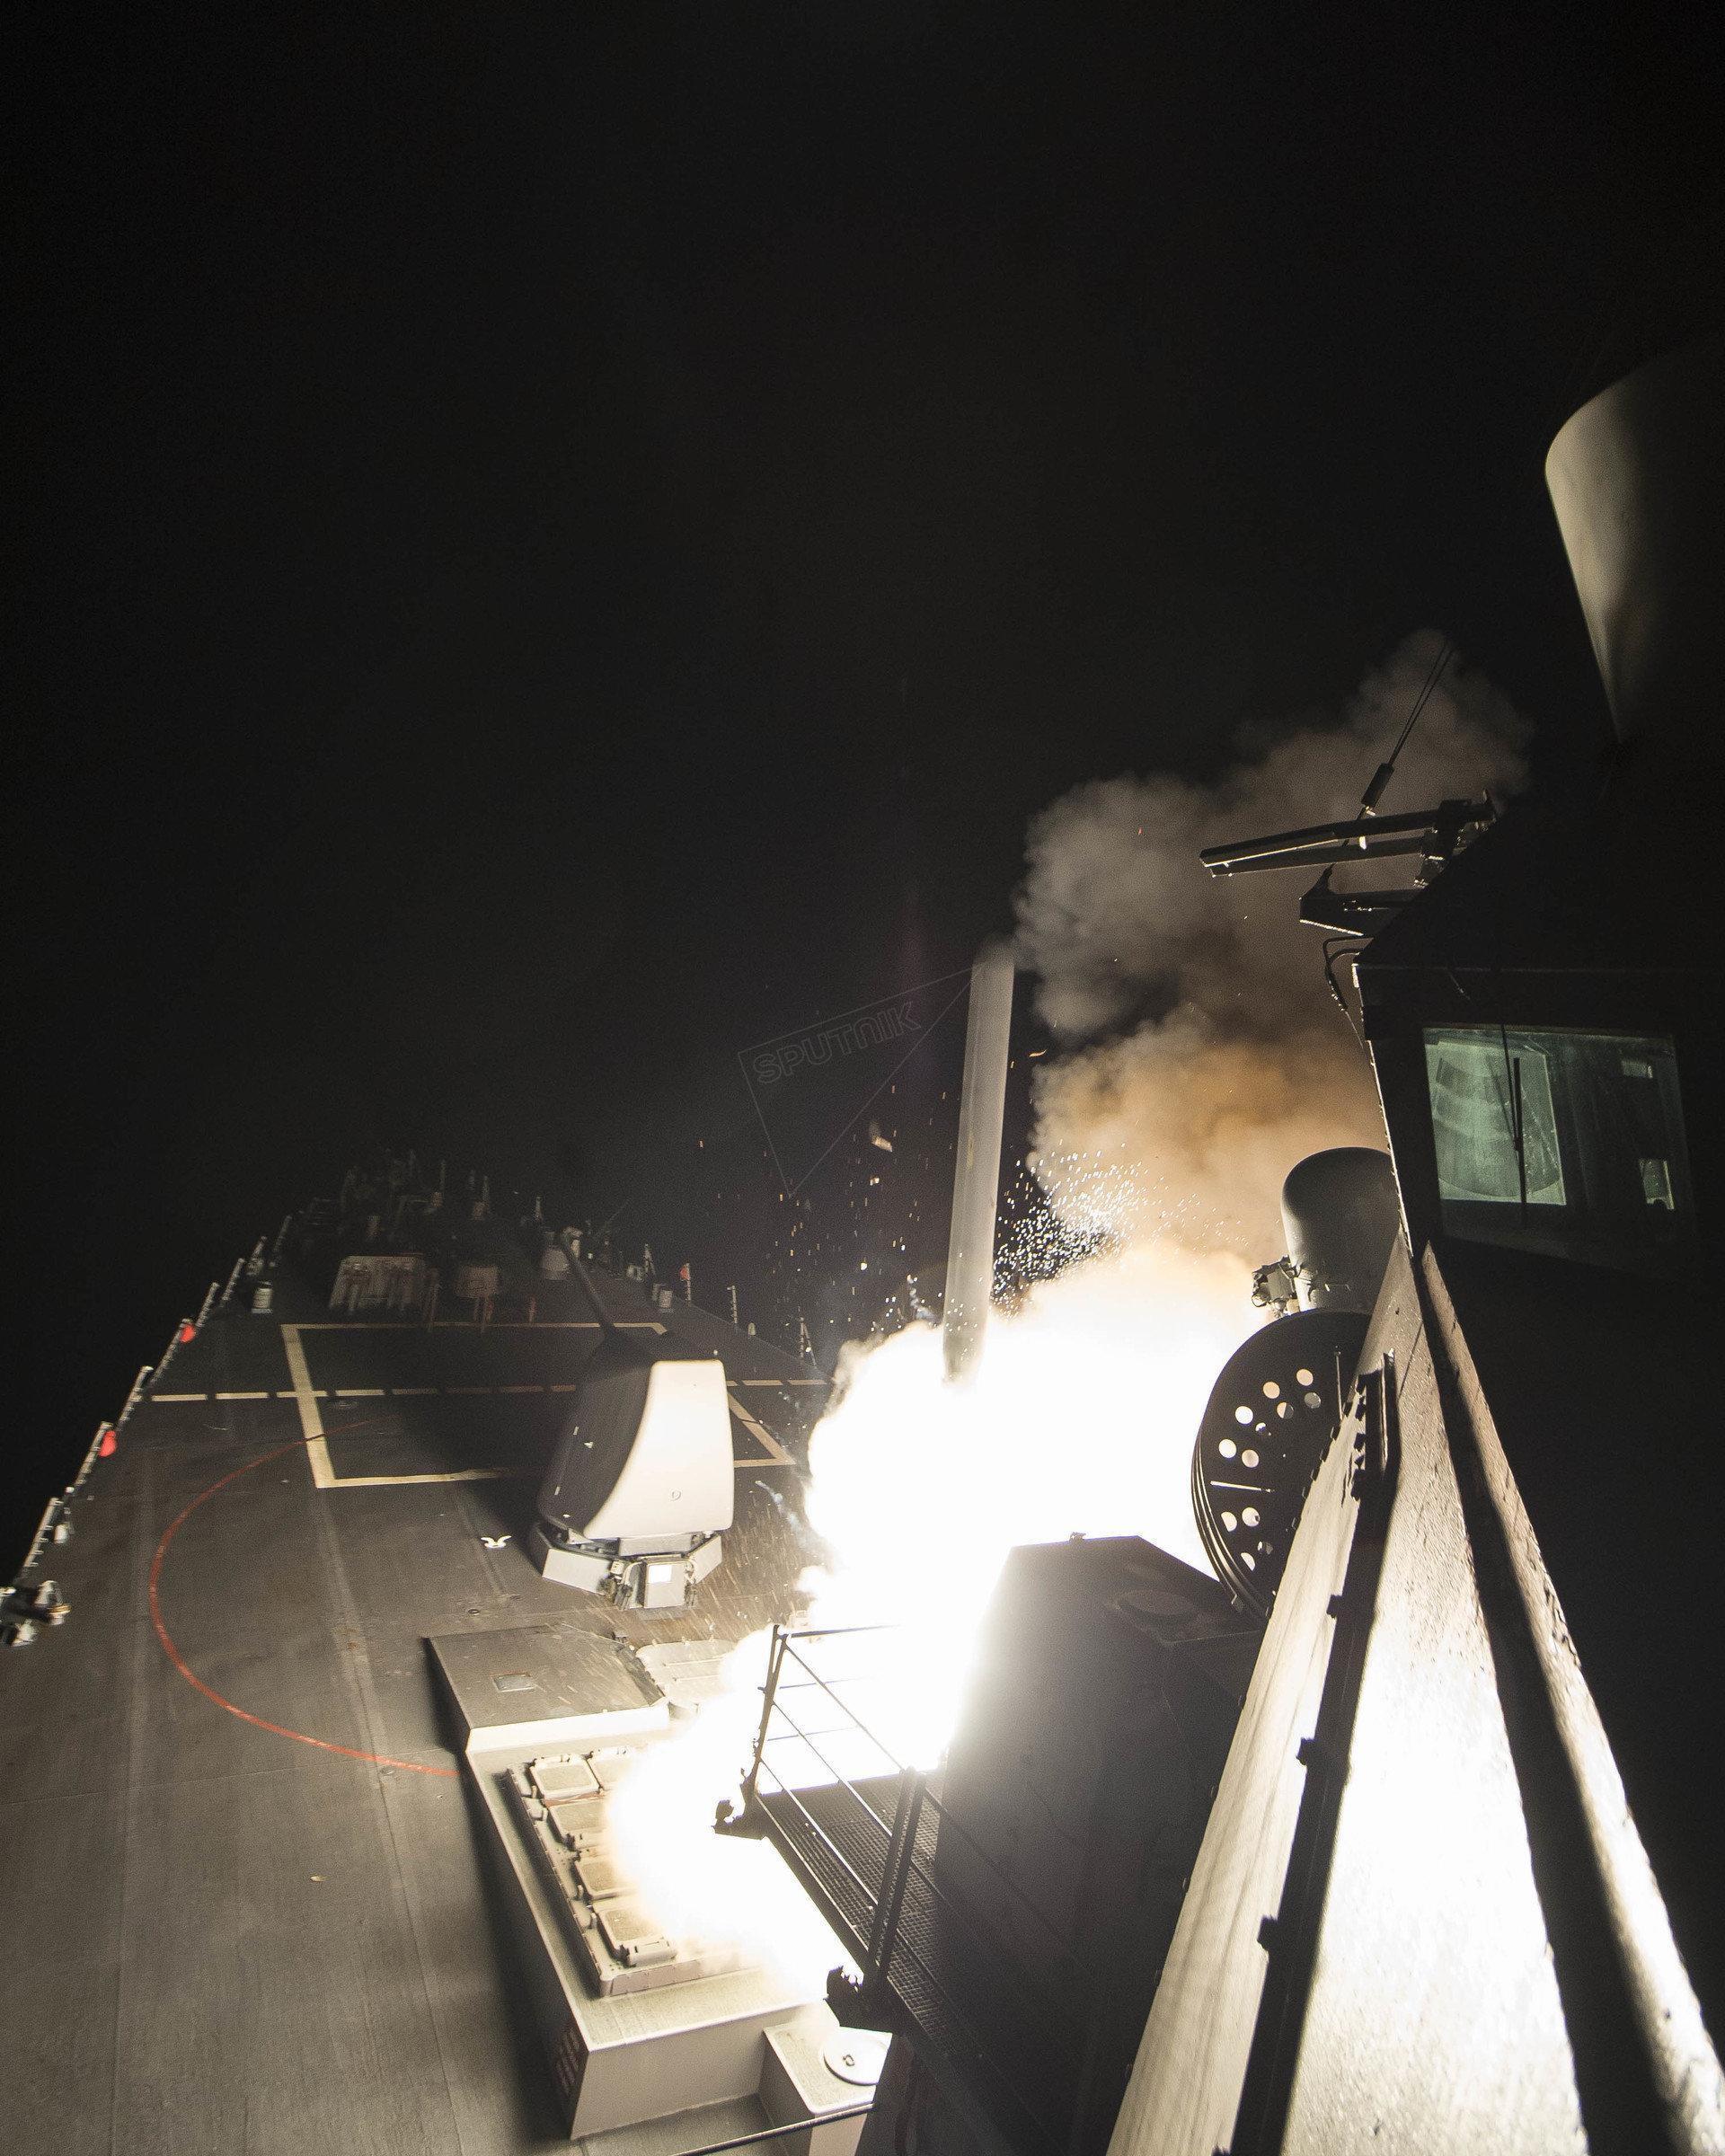 Segunda imagem do ataque americano à base síria em Jan Sheijun.